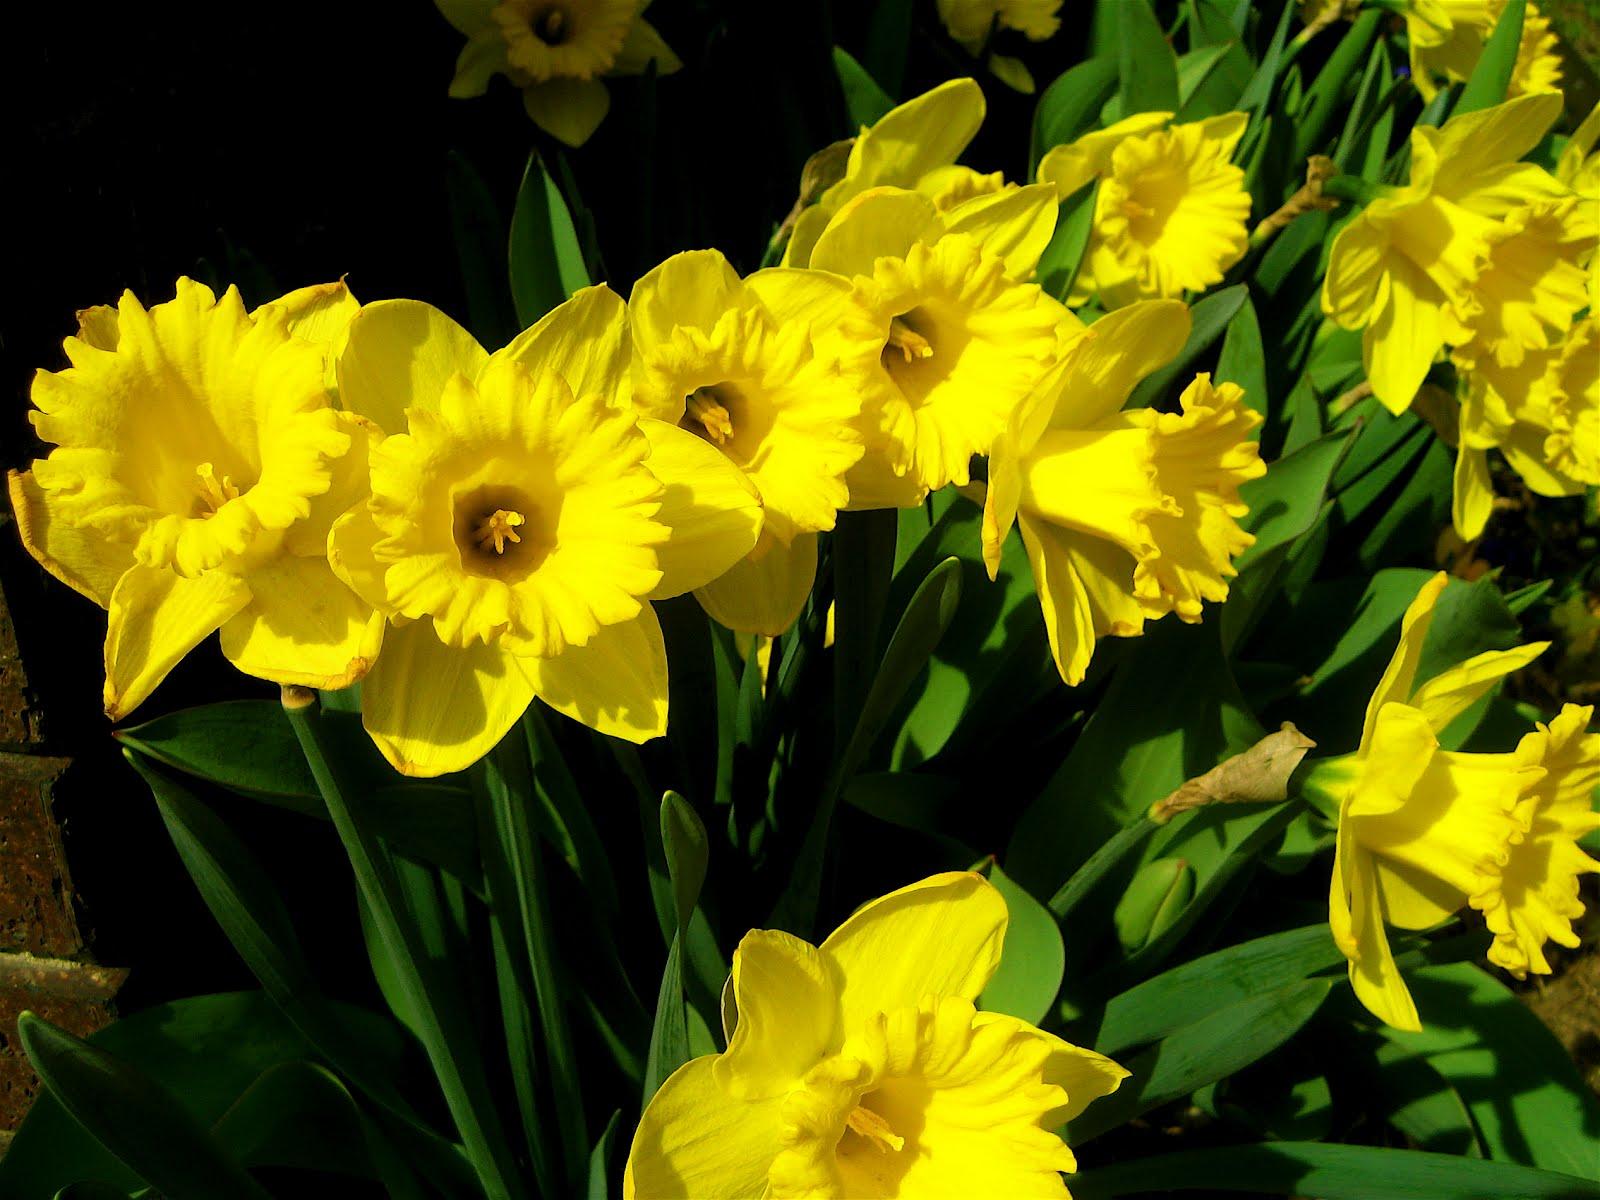 http://3.bp.blogspot.com/-EO6dLx0new4/T08_avFLRII/AAAAAAAAAAs/M9UIiedagWA/s1600/Narcissus_pseudonarcissus_%2528daffodills%2529_-_1.jpg